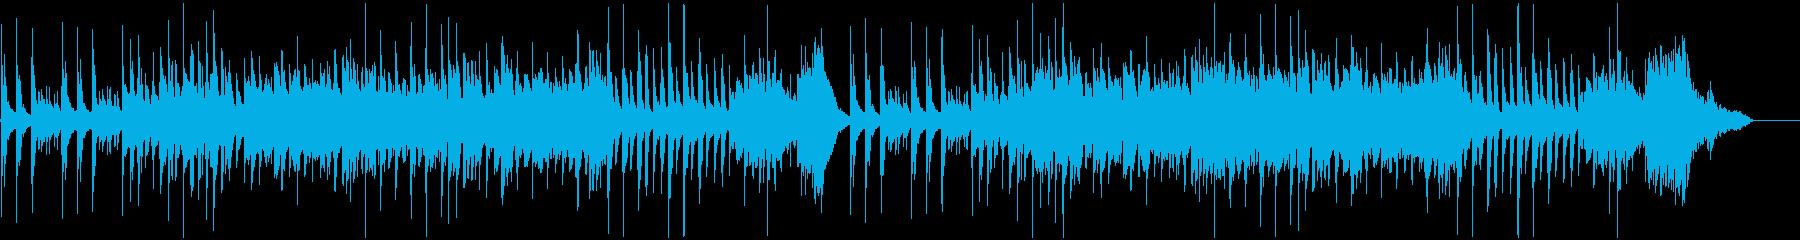 和楽器が印象的な「さくらさくら」の再生済みの波形